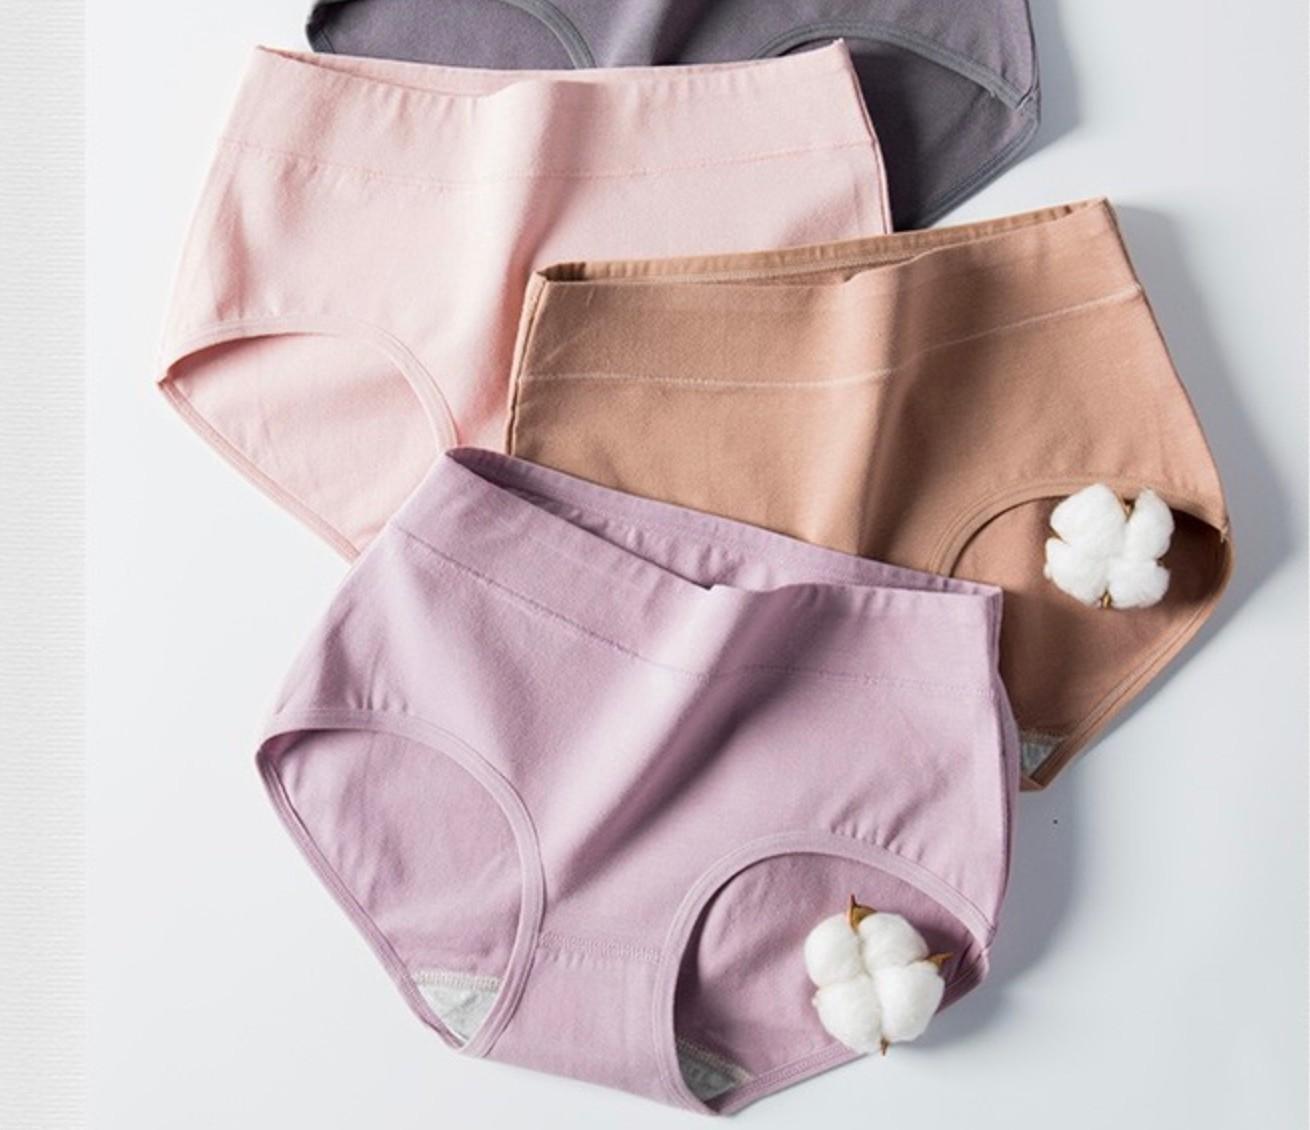 Langsha 浪莎 61082-4 棉质女士内裤 4条装